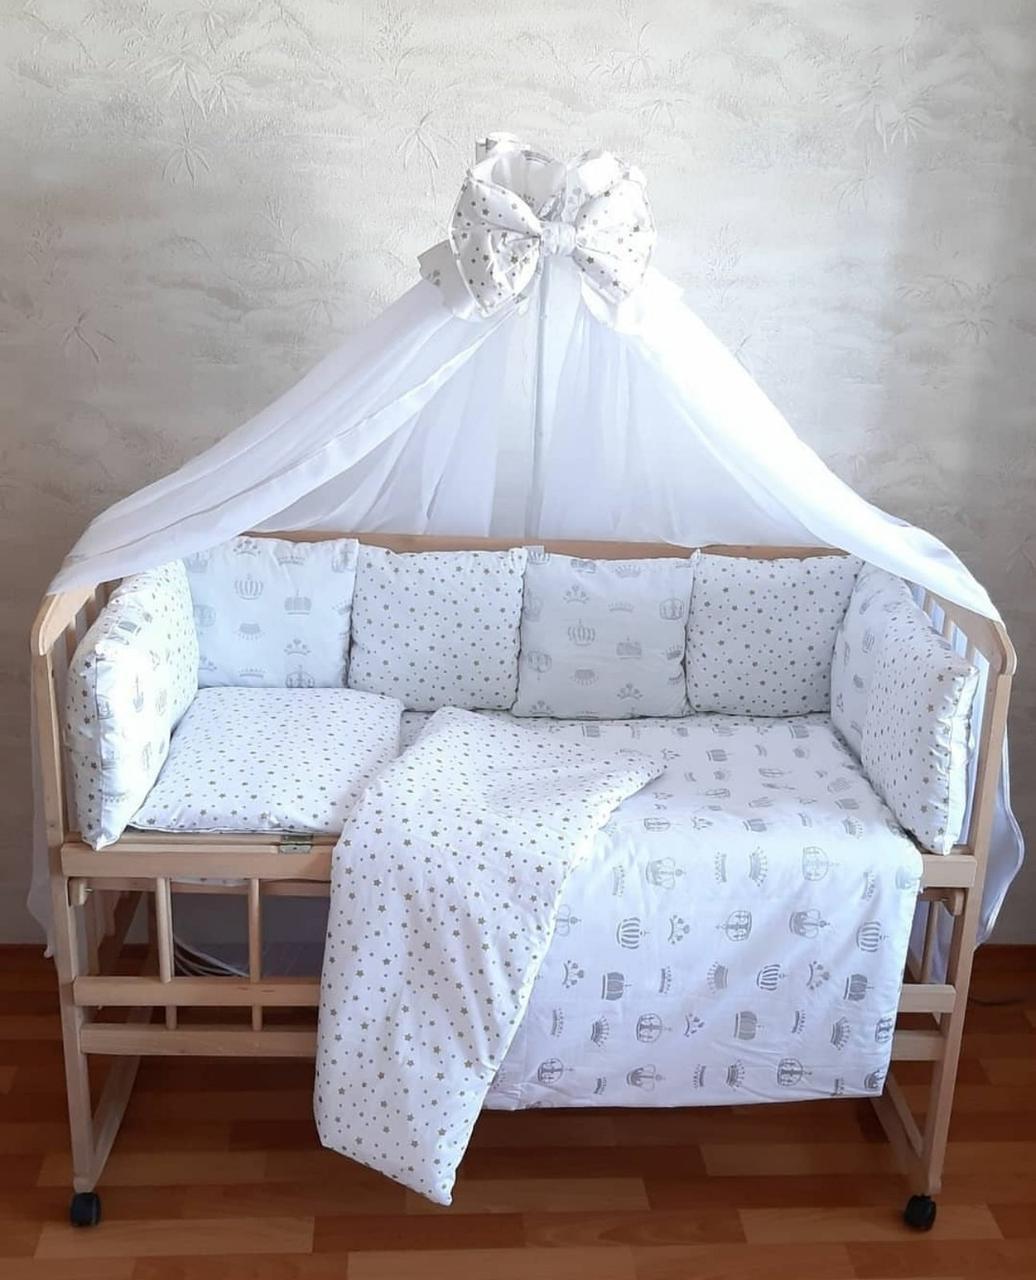 Комплект Детского Постельного Белья Защита - бортики в кроватку Глиттерный принт ( 4 цвета)